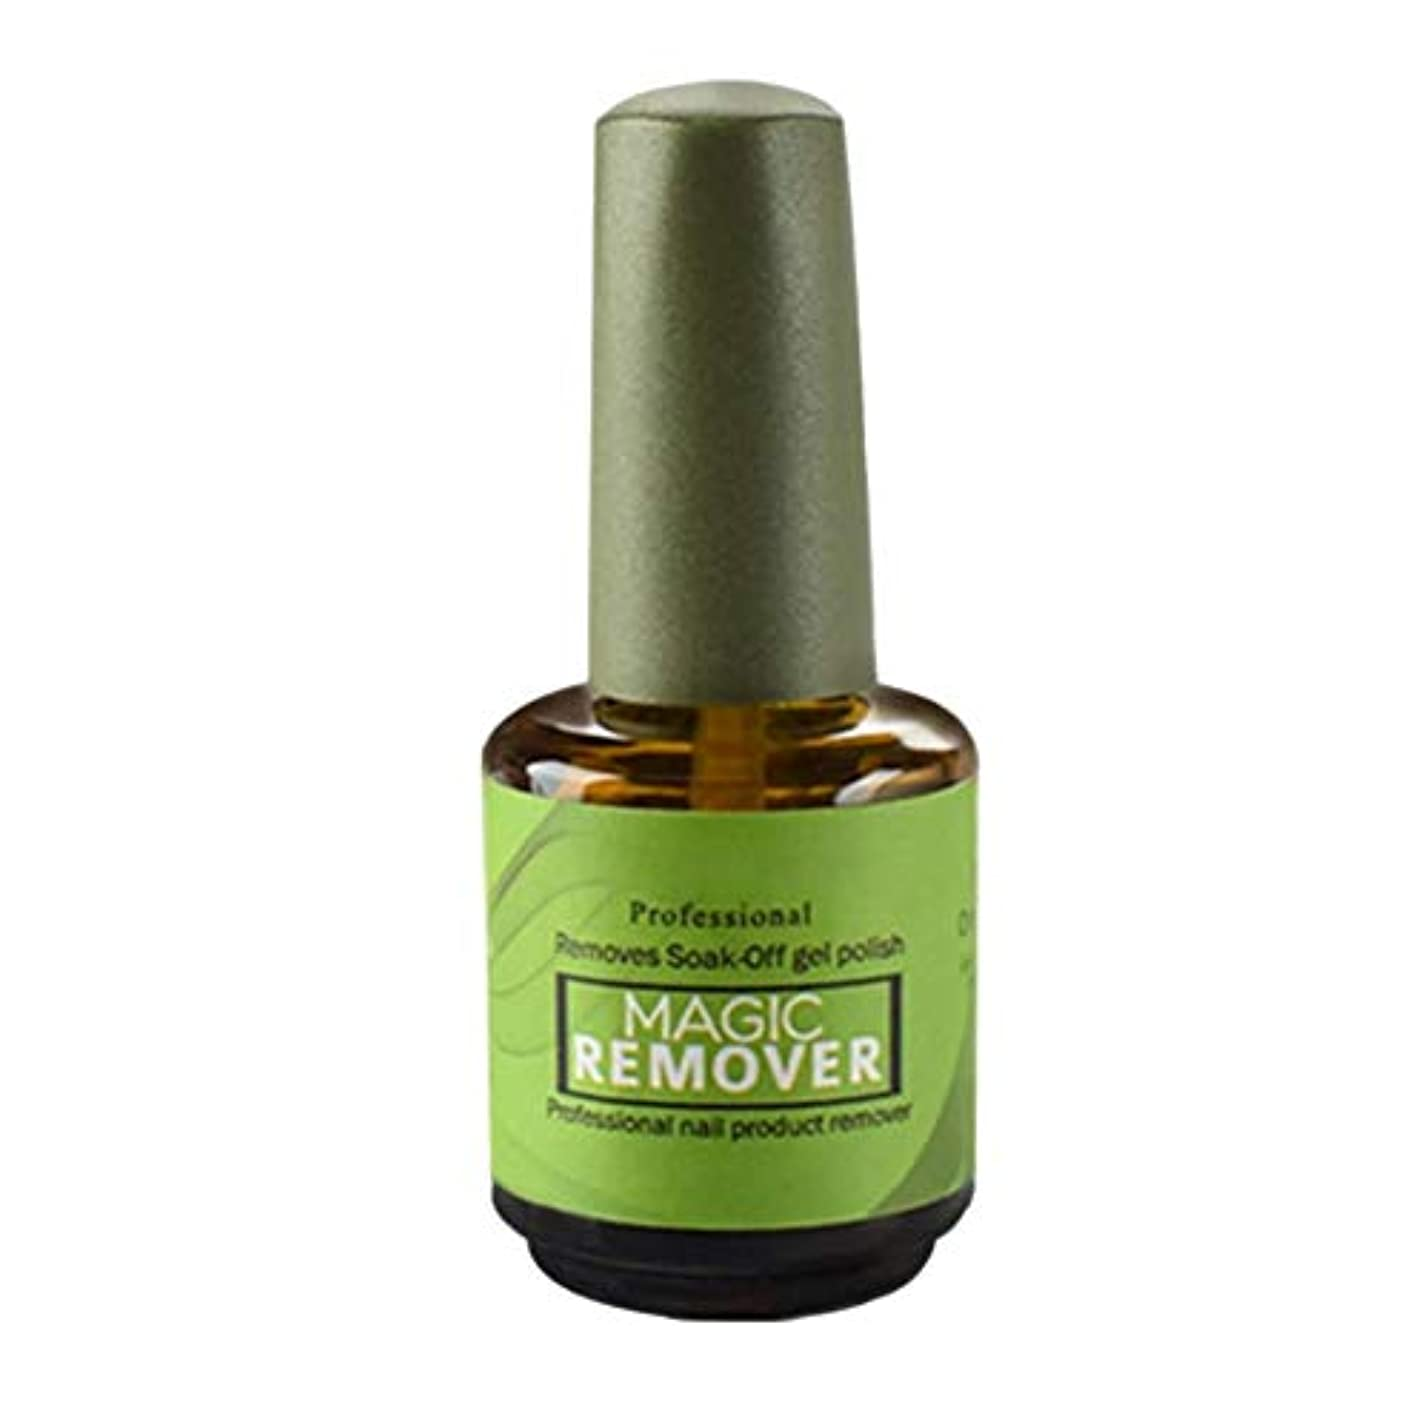 侵略請求書制限Aylincool マジックリムーバーがネイルポリッシュを拭き取ると、ジェルプロフェッショナルバーストクリーン脱脂剤が除去されます